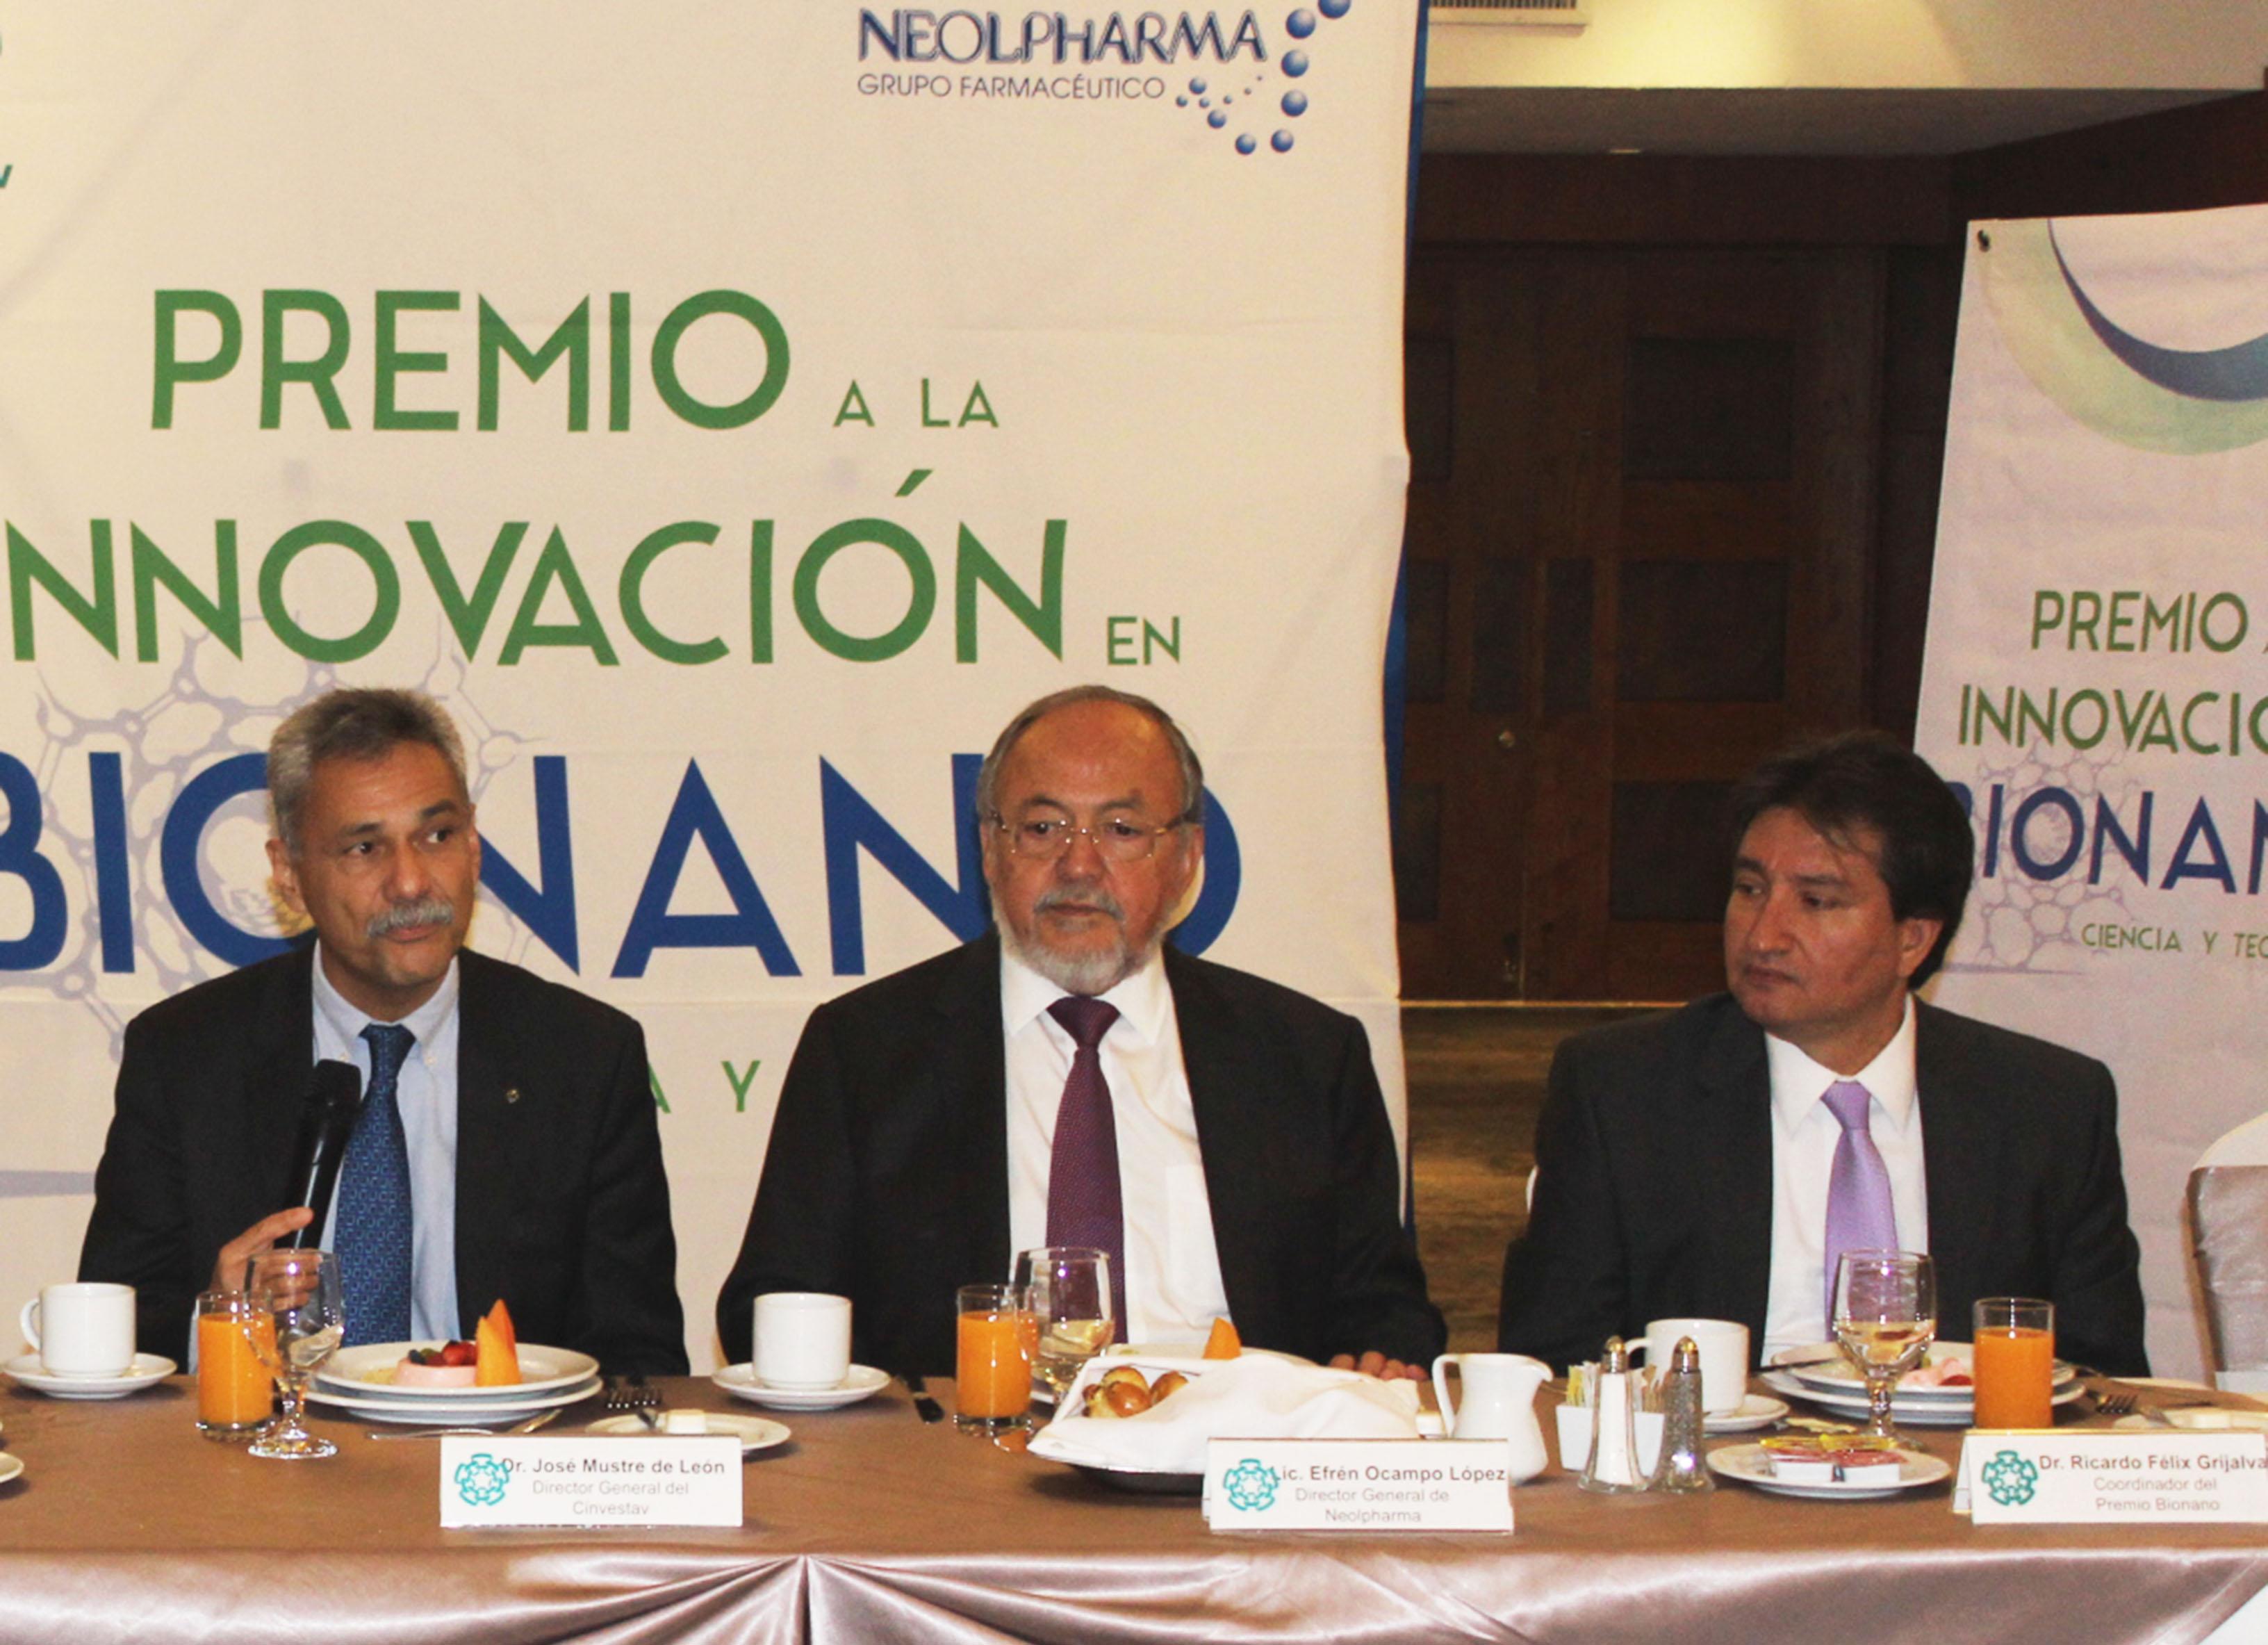 Lanzan Premio a la Innovación en Bionano